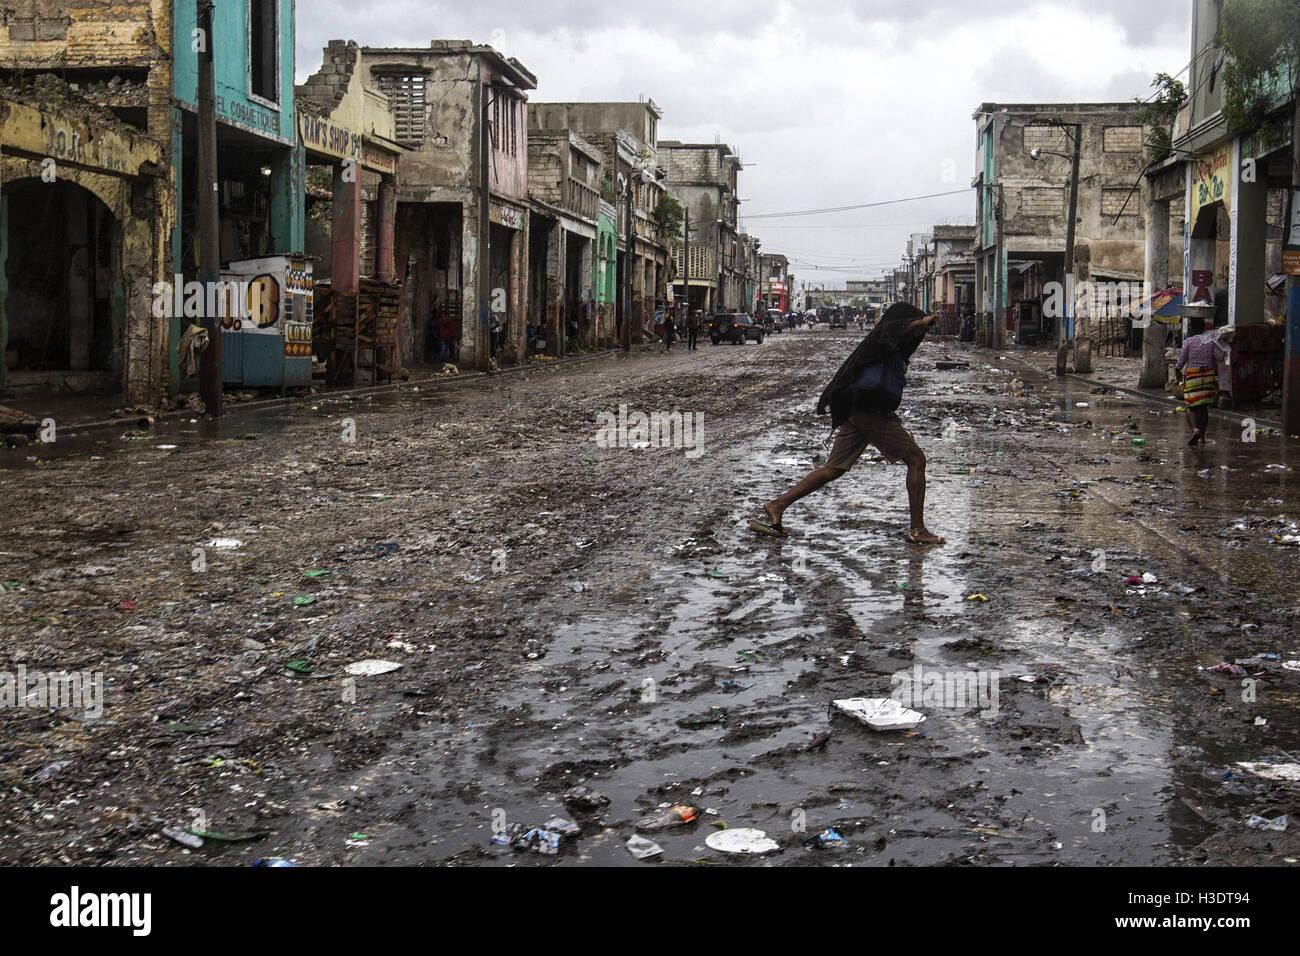 (161006) -- Port-au-Prince, 6 ott. 2016 (Xinhua) -- Immagine fornita dal Fondo delle Nazioni Unite per l'Infanzia Immagini Stock